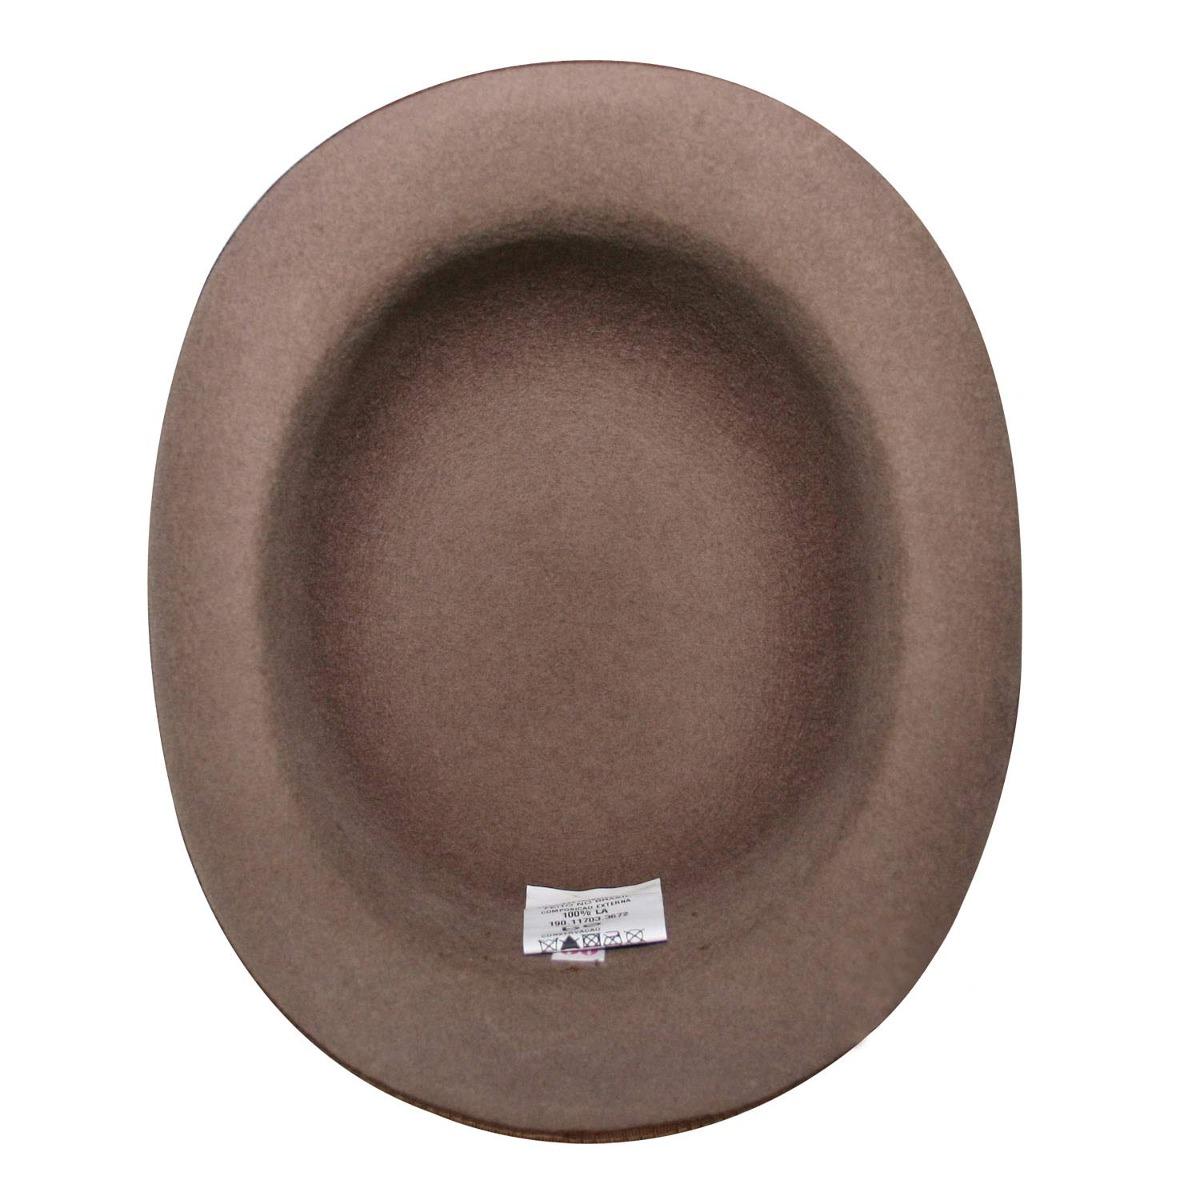 chapéu coco chaplin -castor-tamanho 60. Carregando zoom. 18d8d7f5113